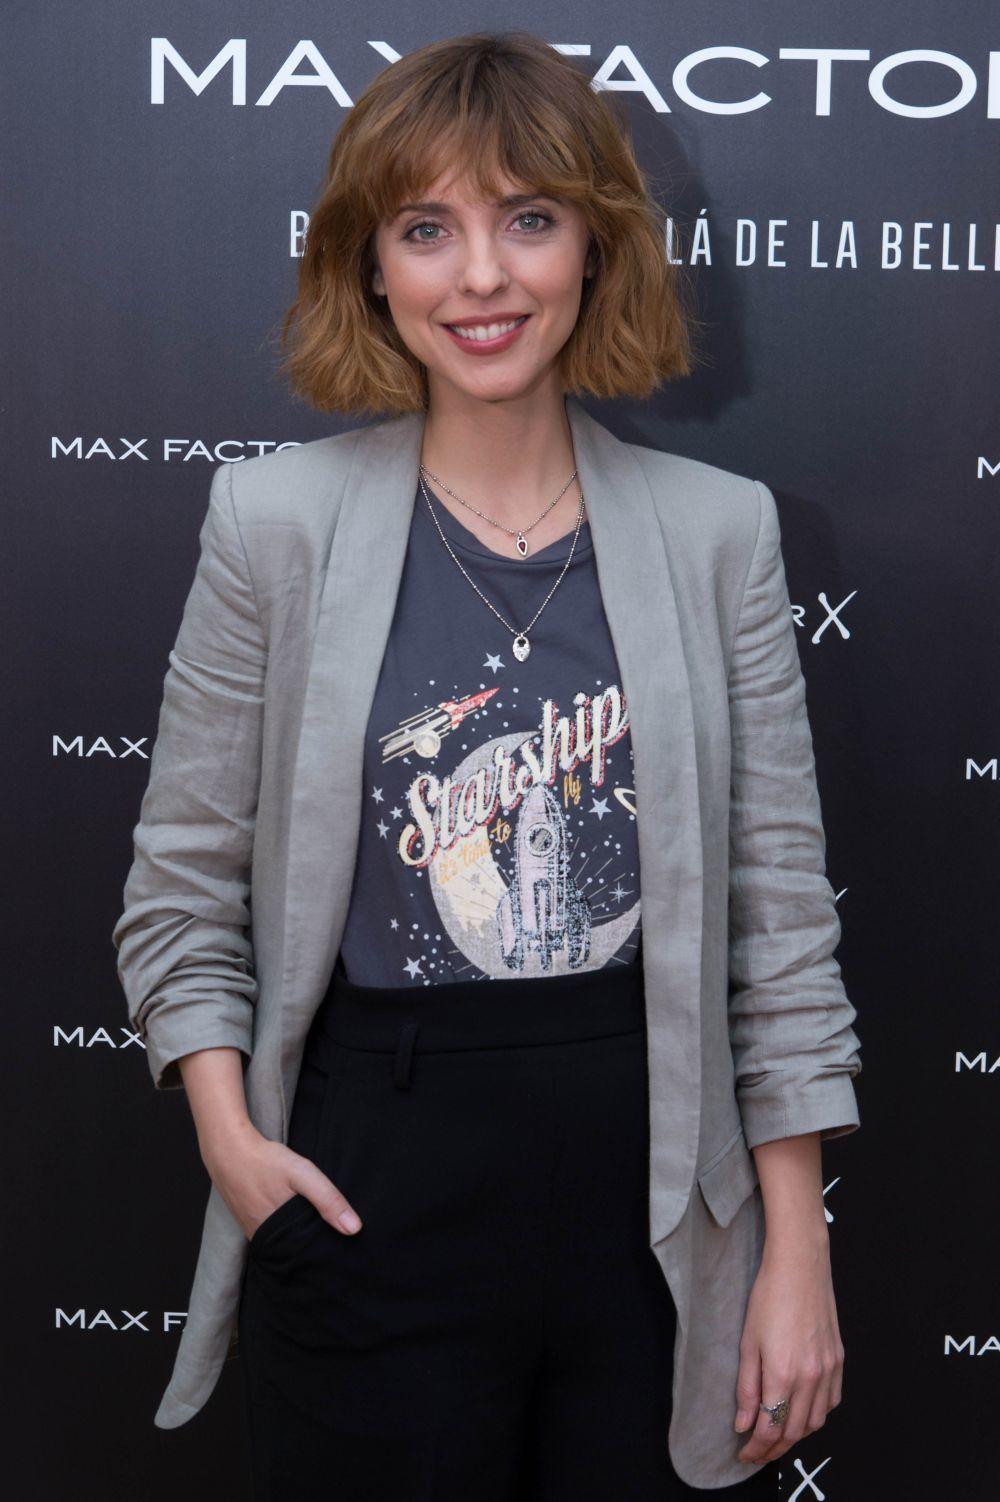 Leticia Dolera en la presentación de la nueva campaña de Max Factor,...